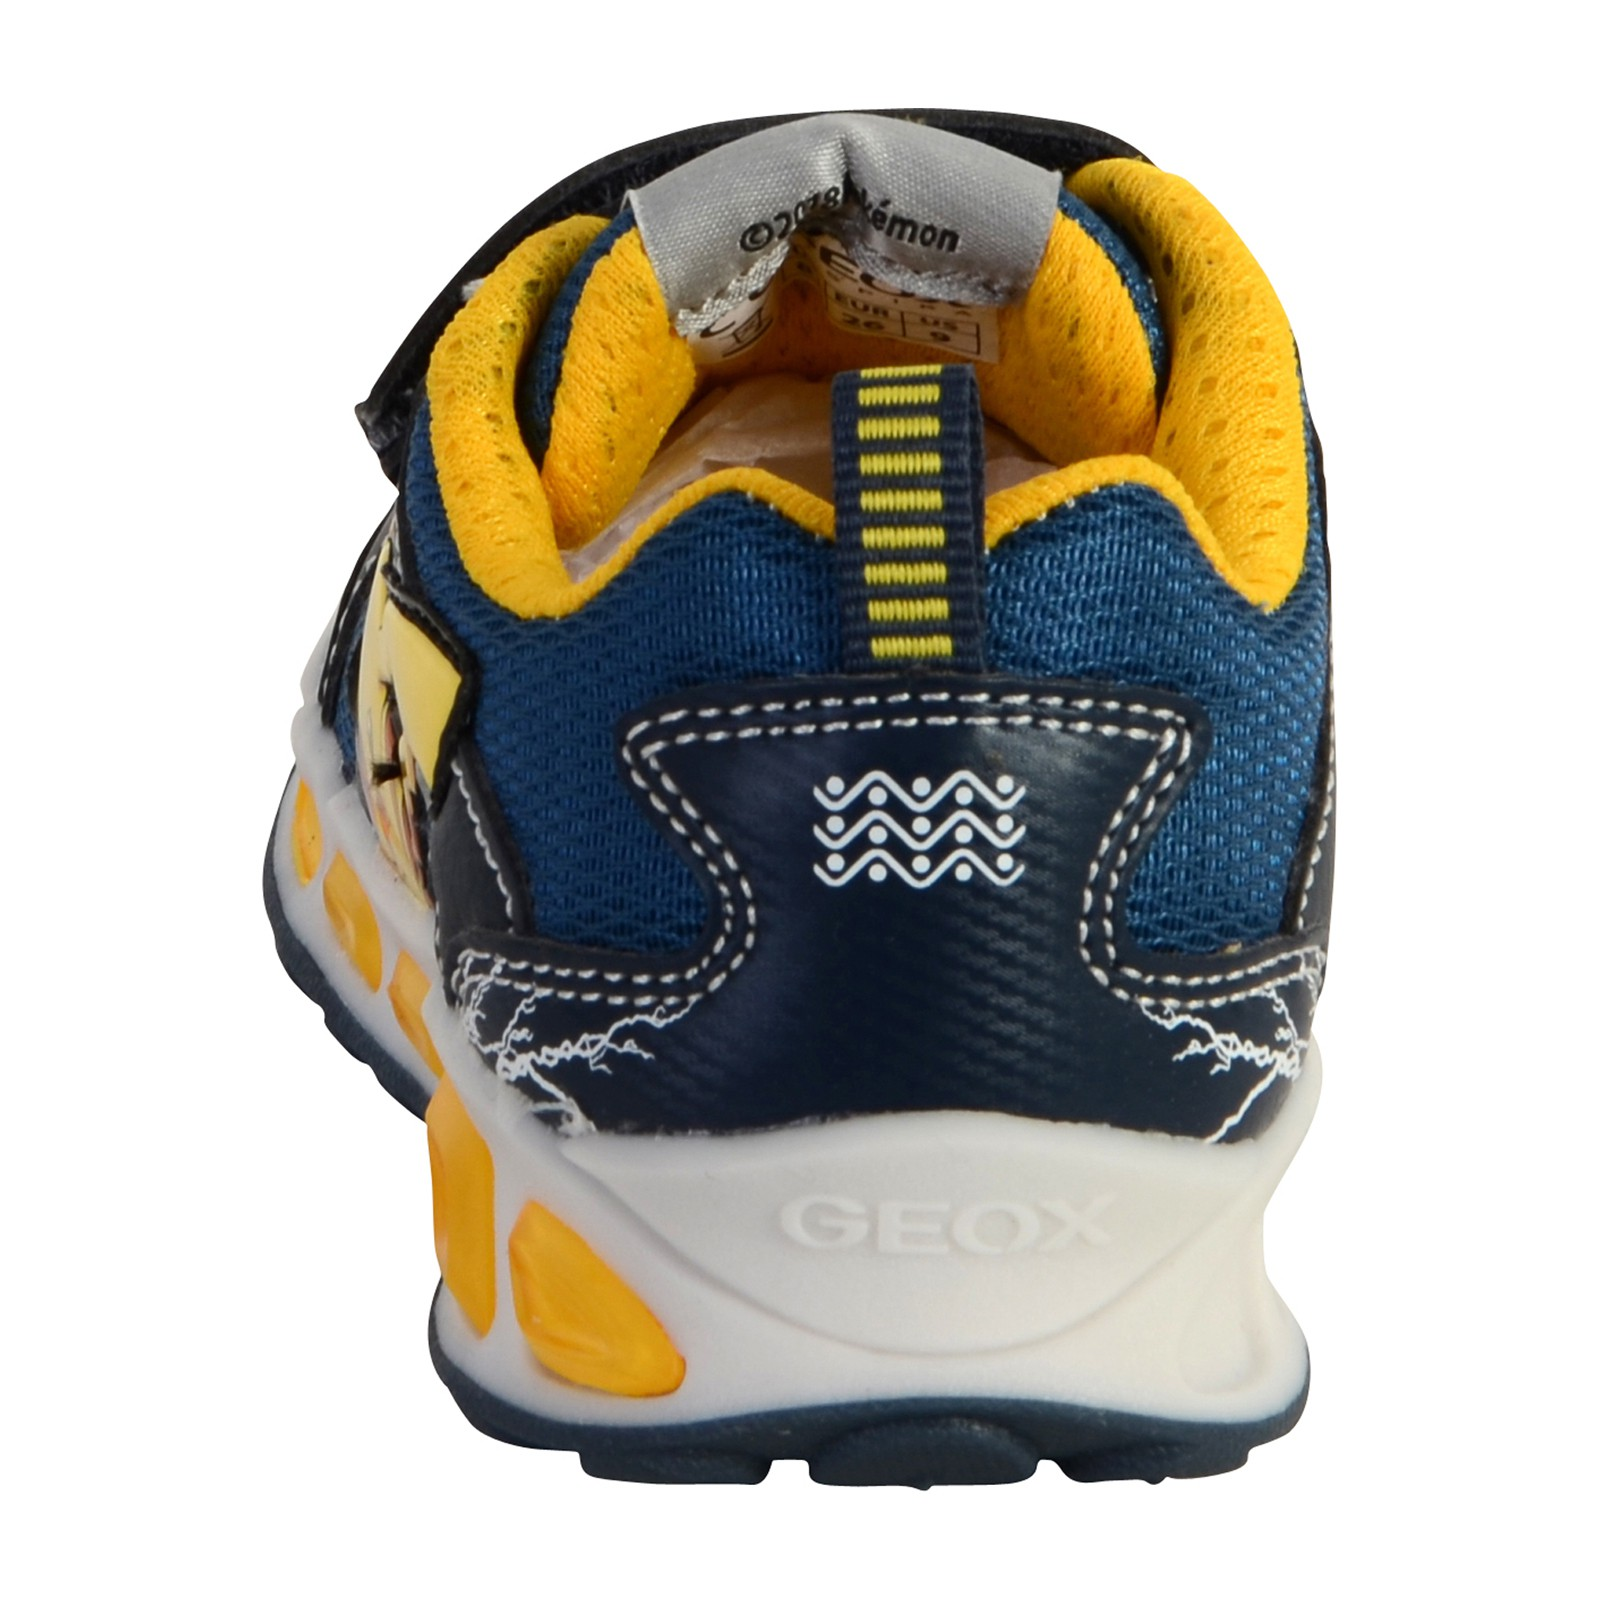 Geox C Shuttle Basket B Enfant J YBxxXZw